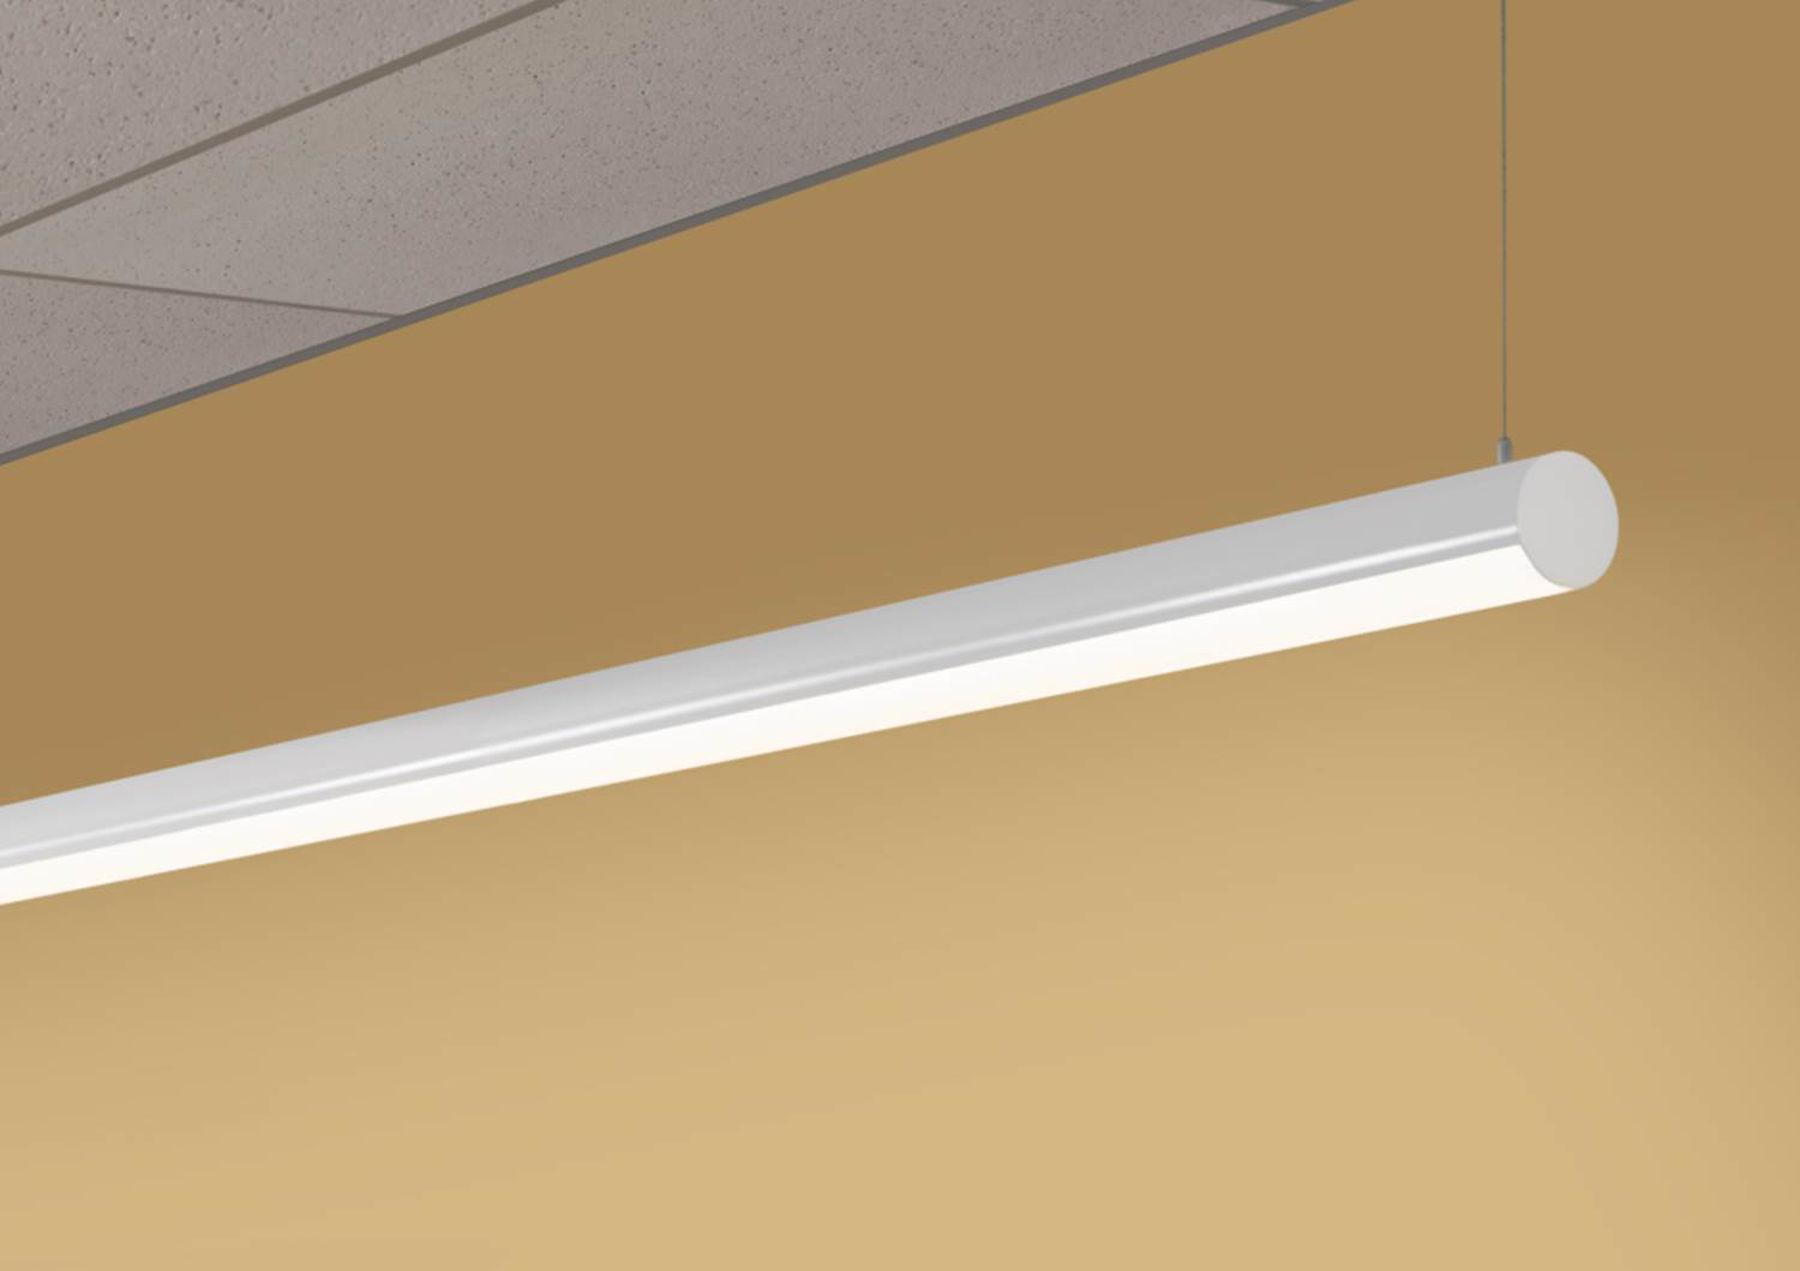 Picture of GR2D-LED-LENS